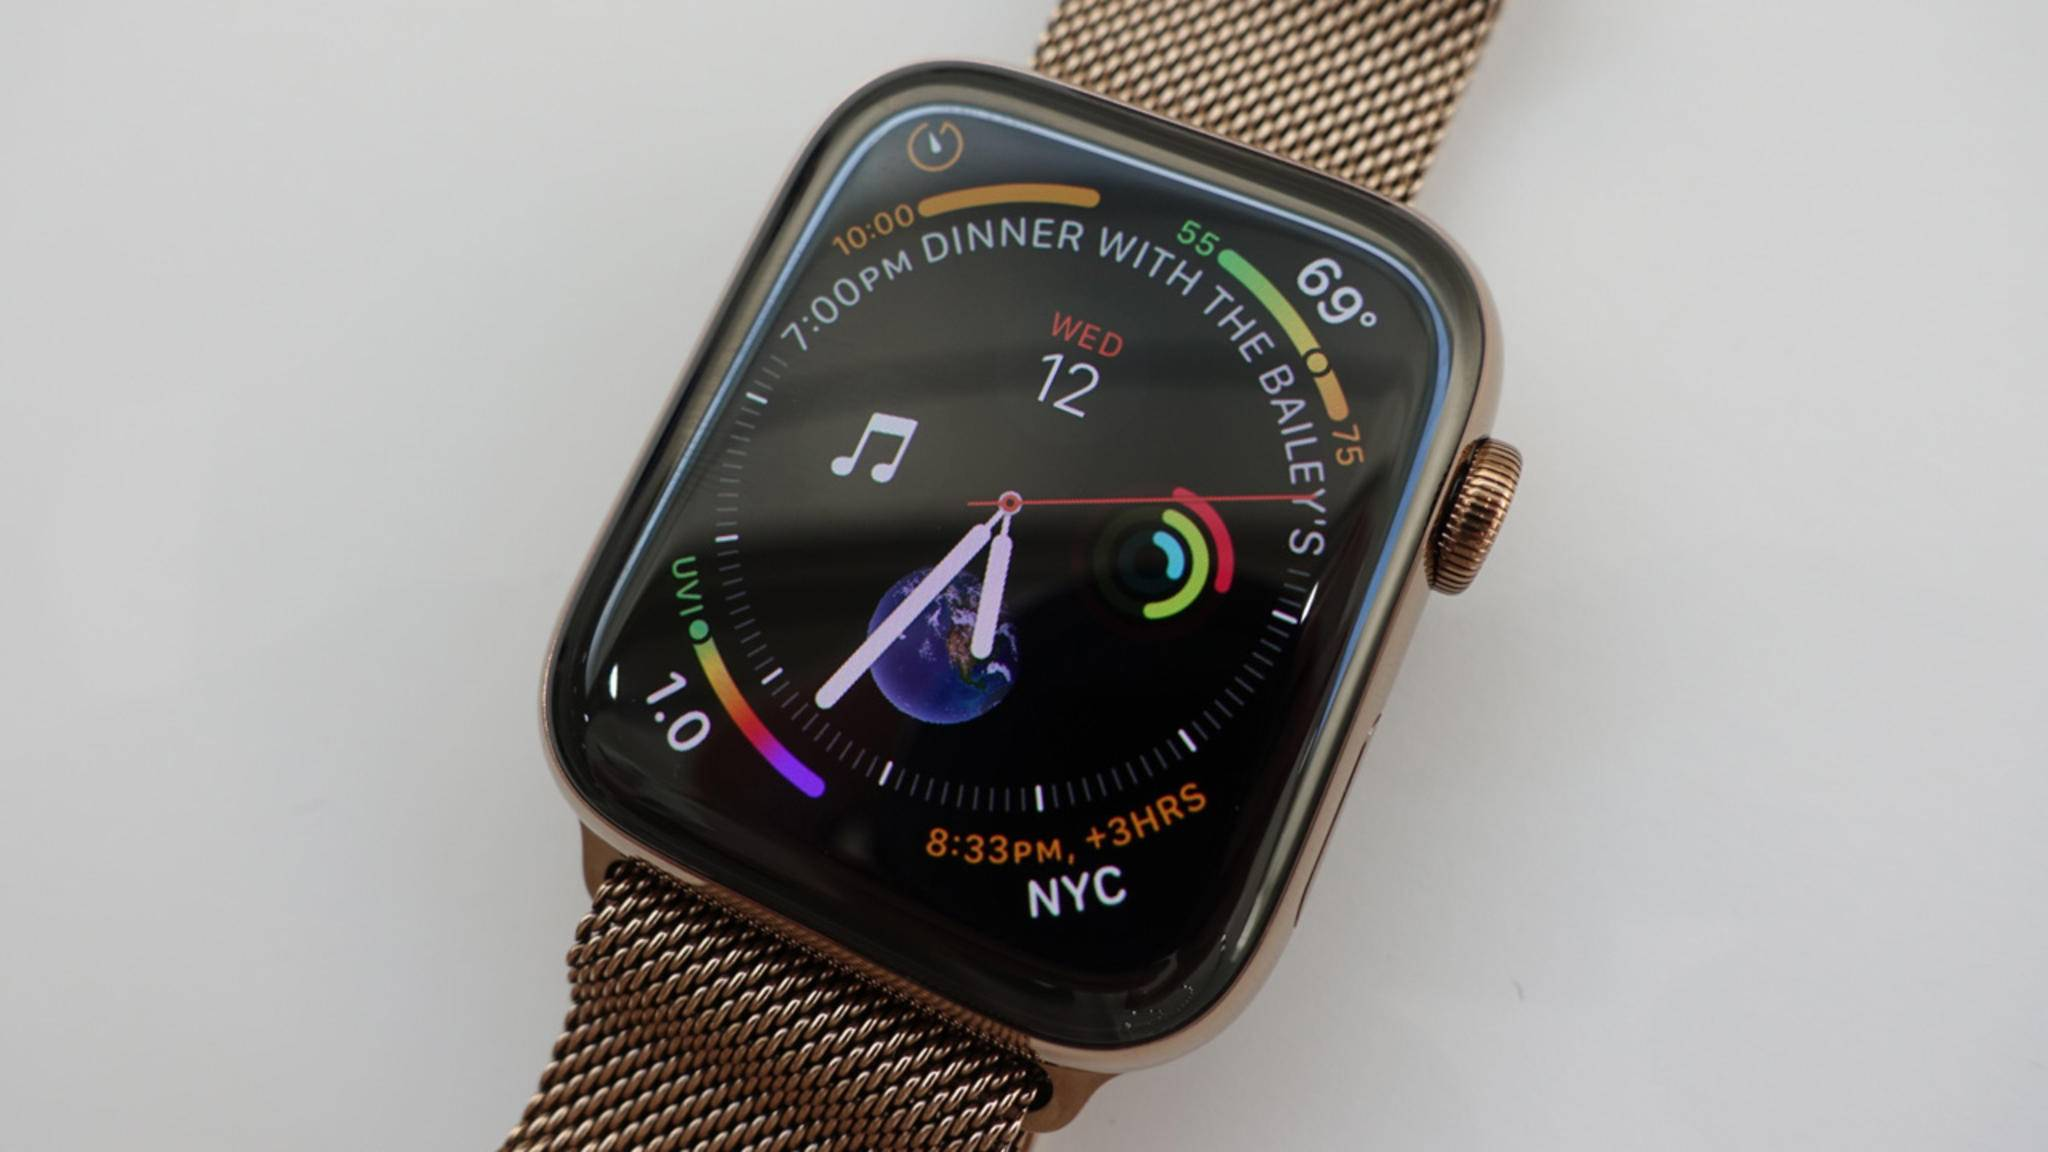 Gibt es bald ein neues Gesundheits-Feature auf der Apple Watch?